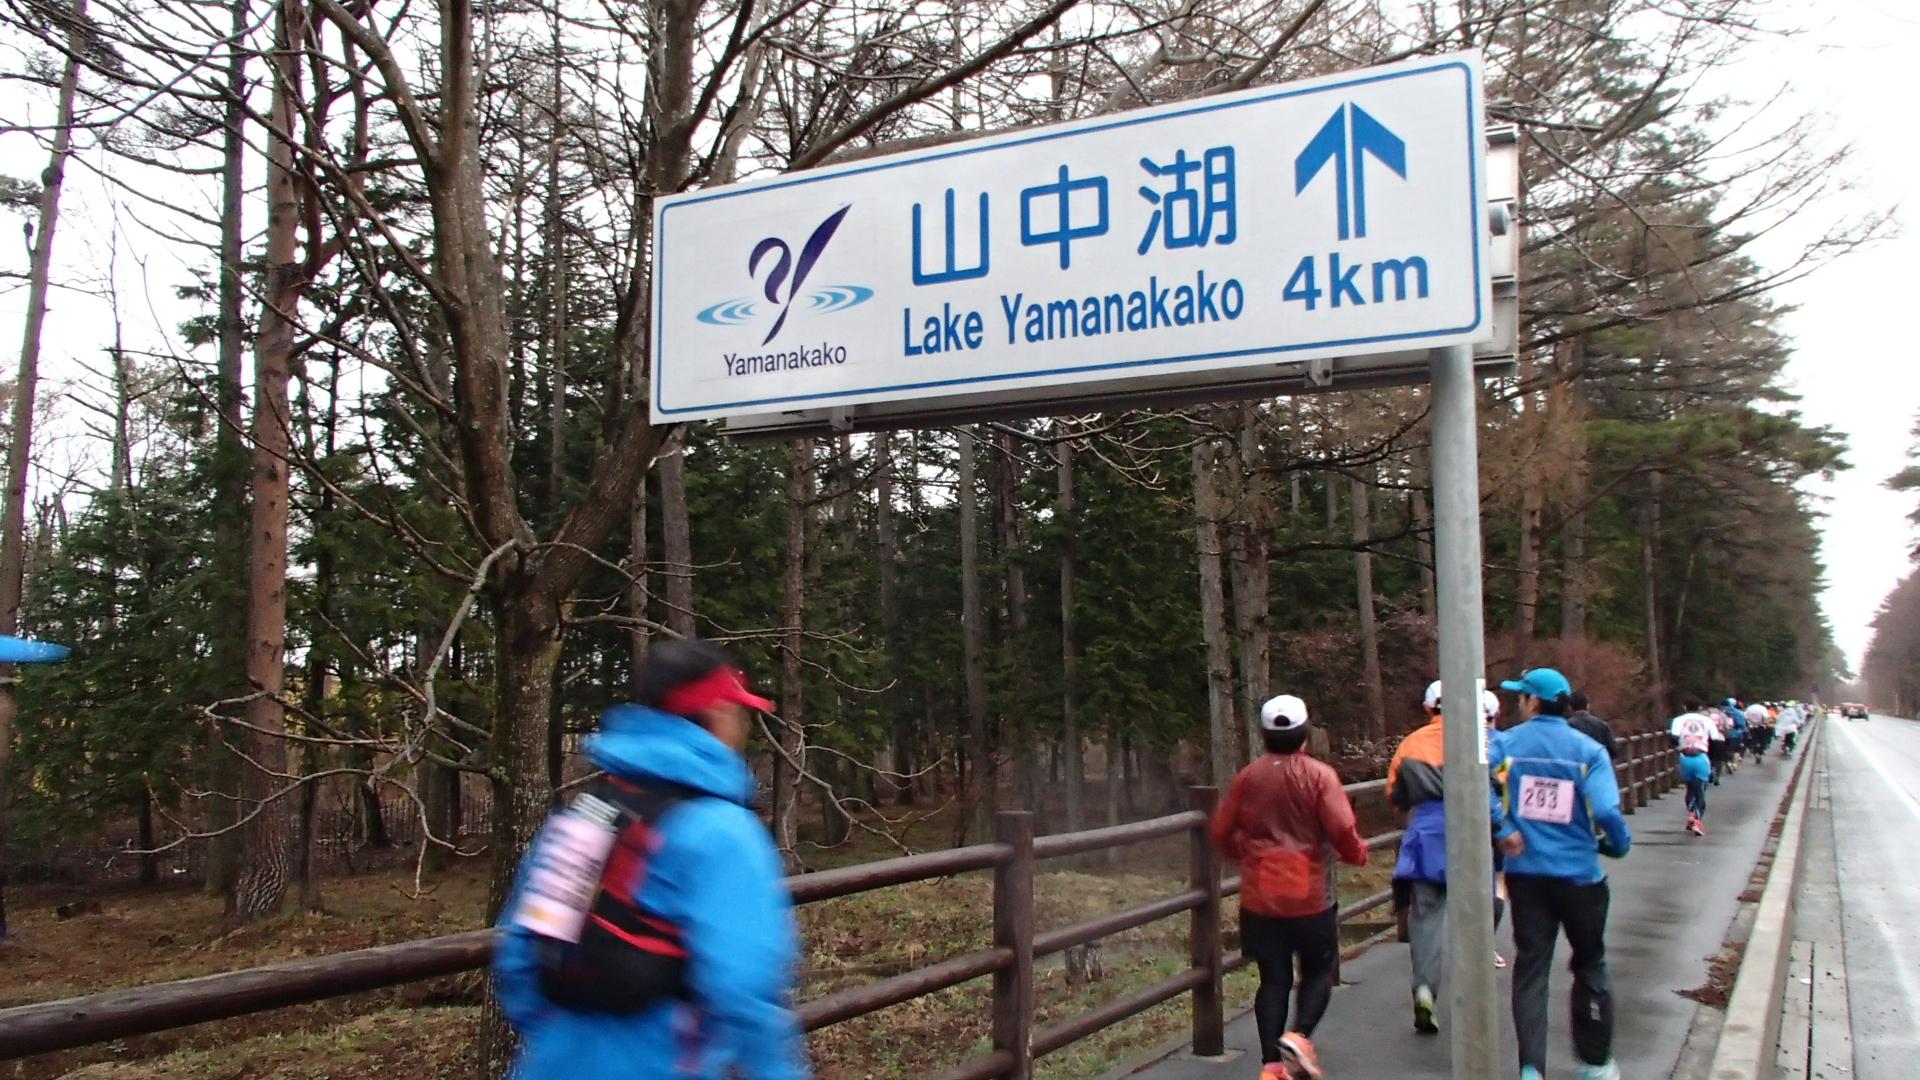 山中湖まで4Km